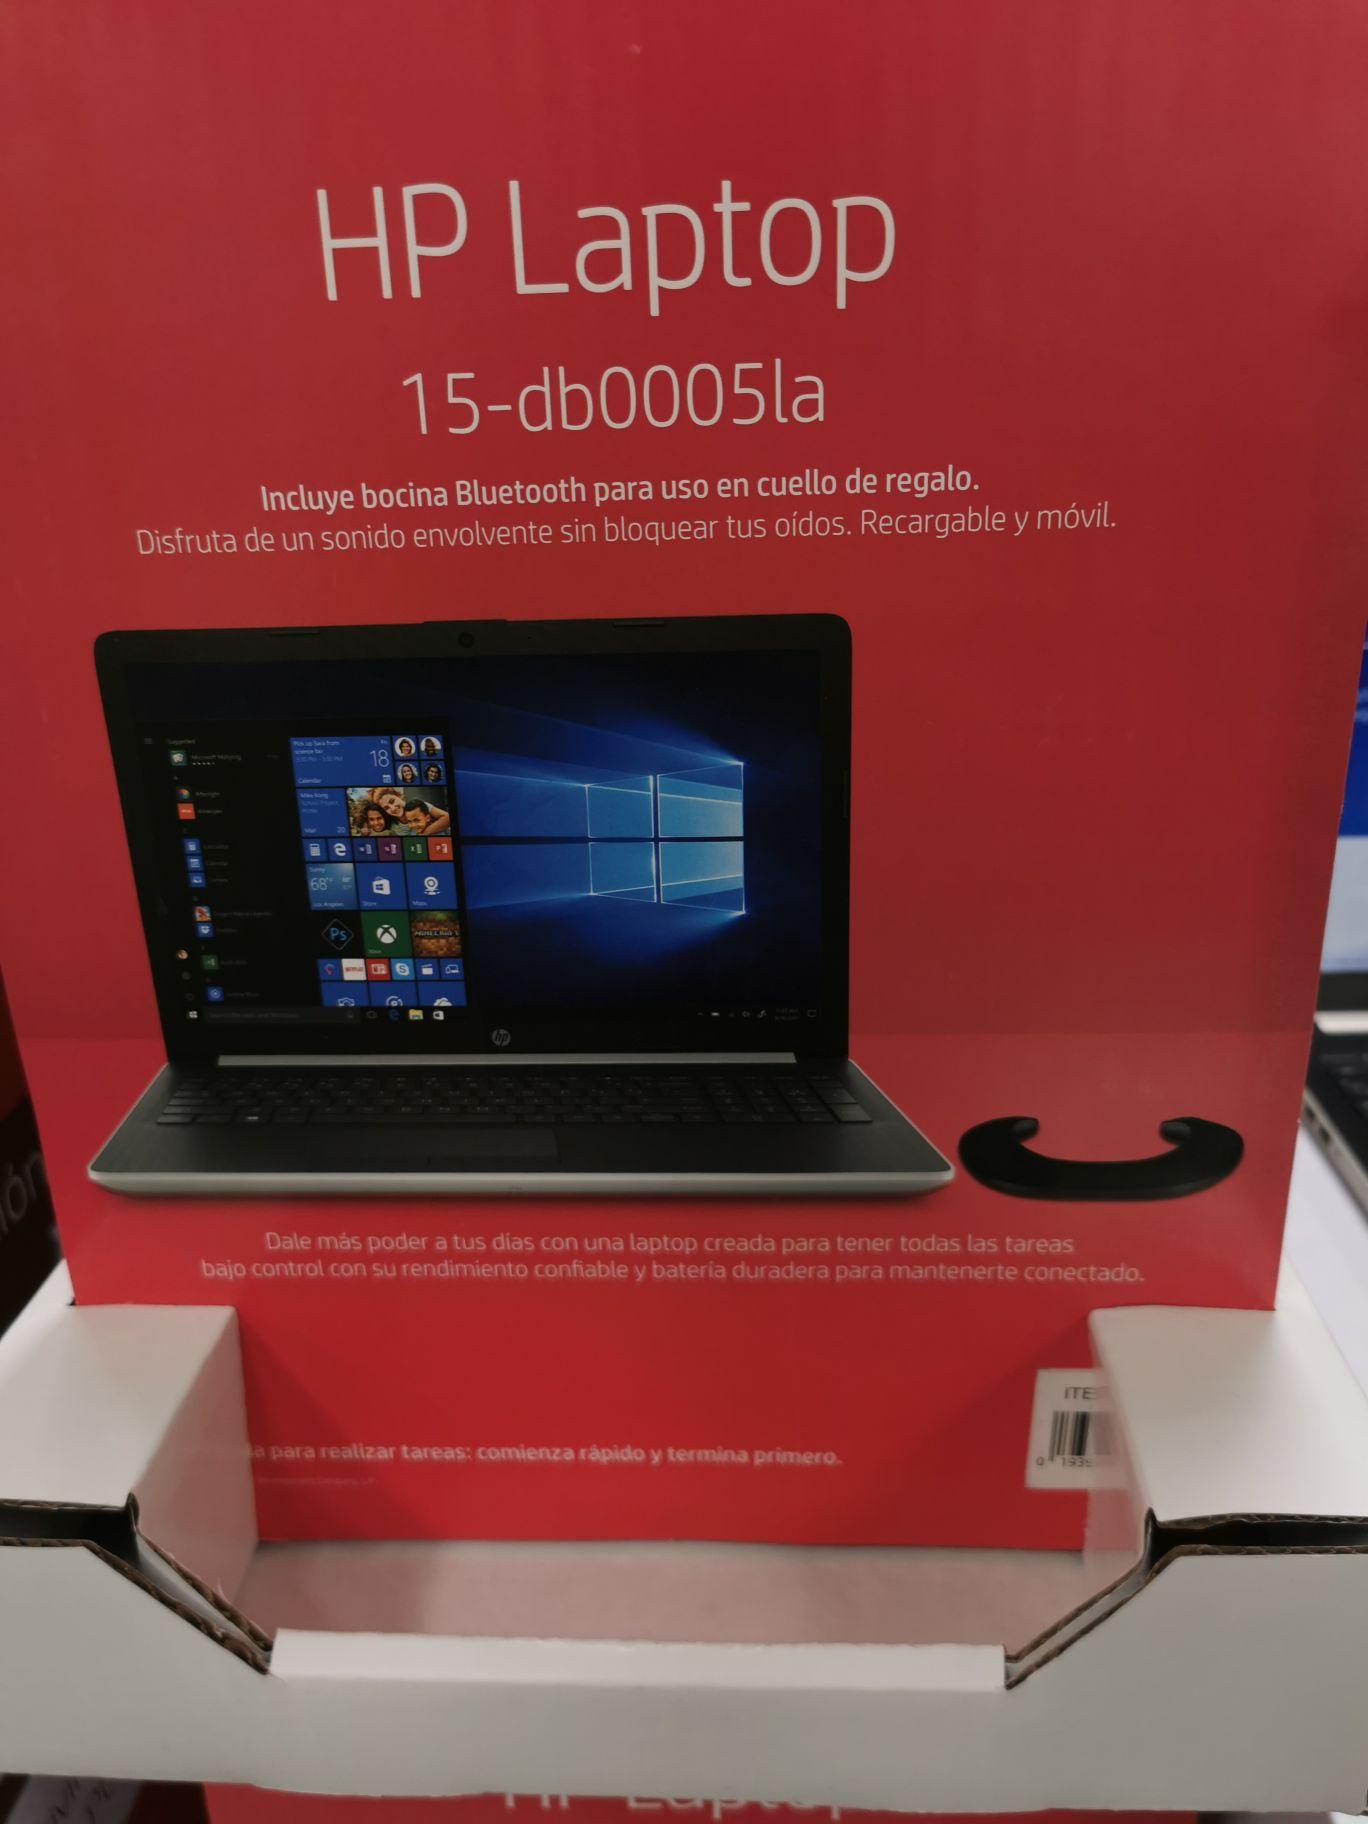 Costco: Laptop Hp, 12GB RAM 1TB+Bocina de cuello de regalo